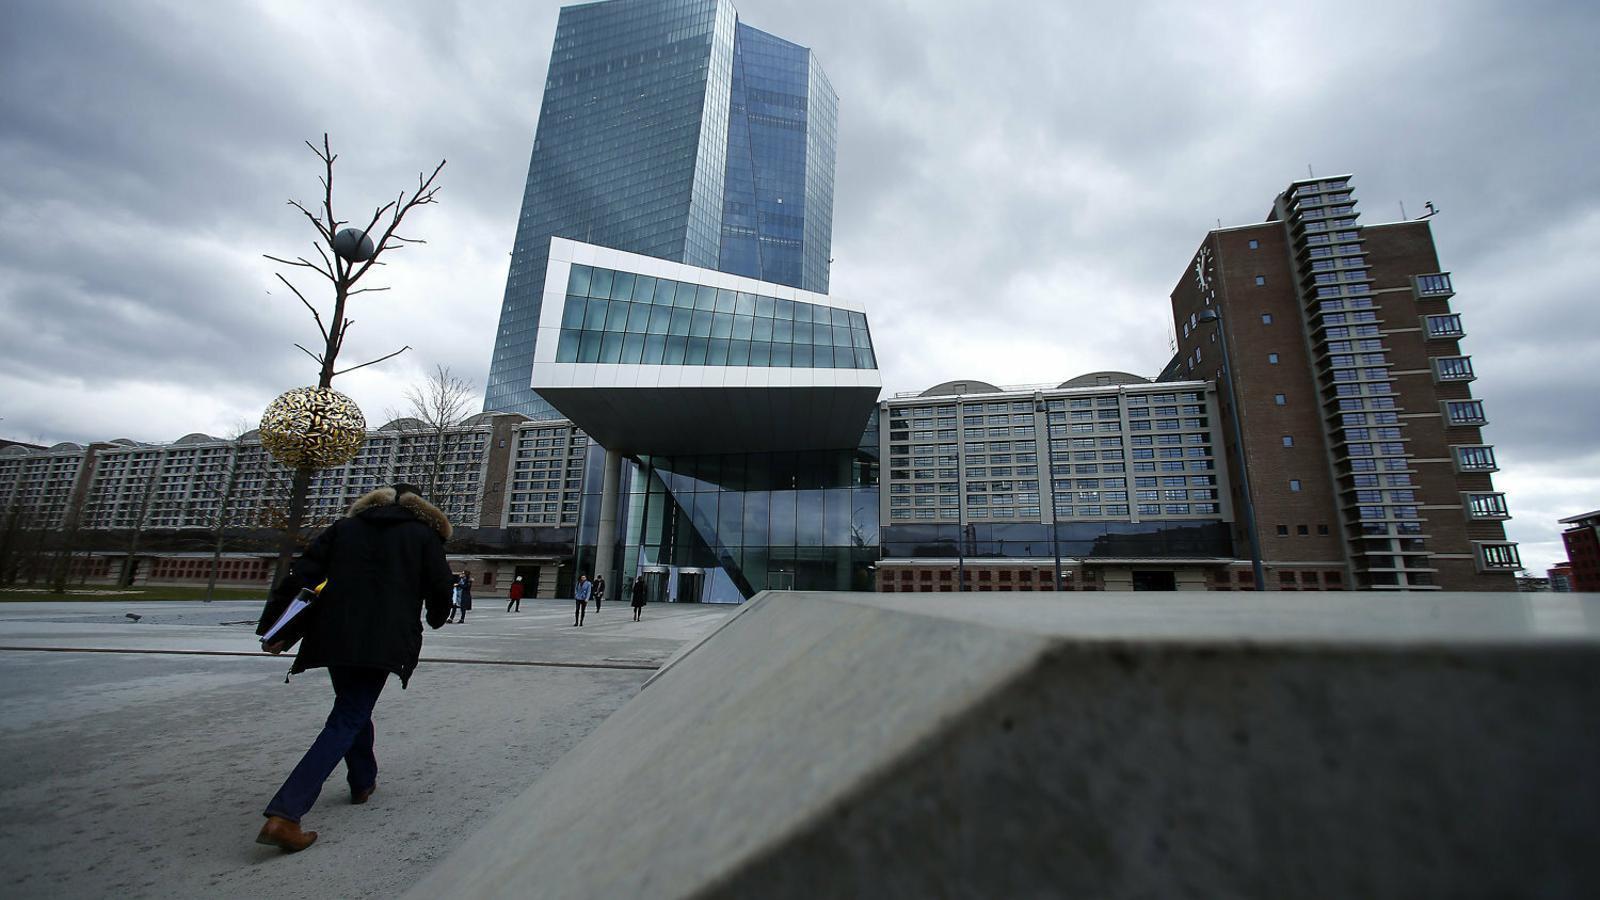 La seu central del Banc Central Europeu (BCE) a Frankfurt.